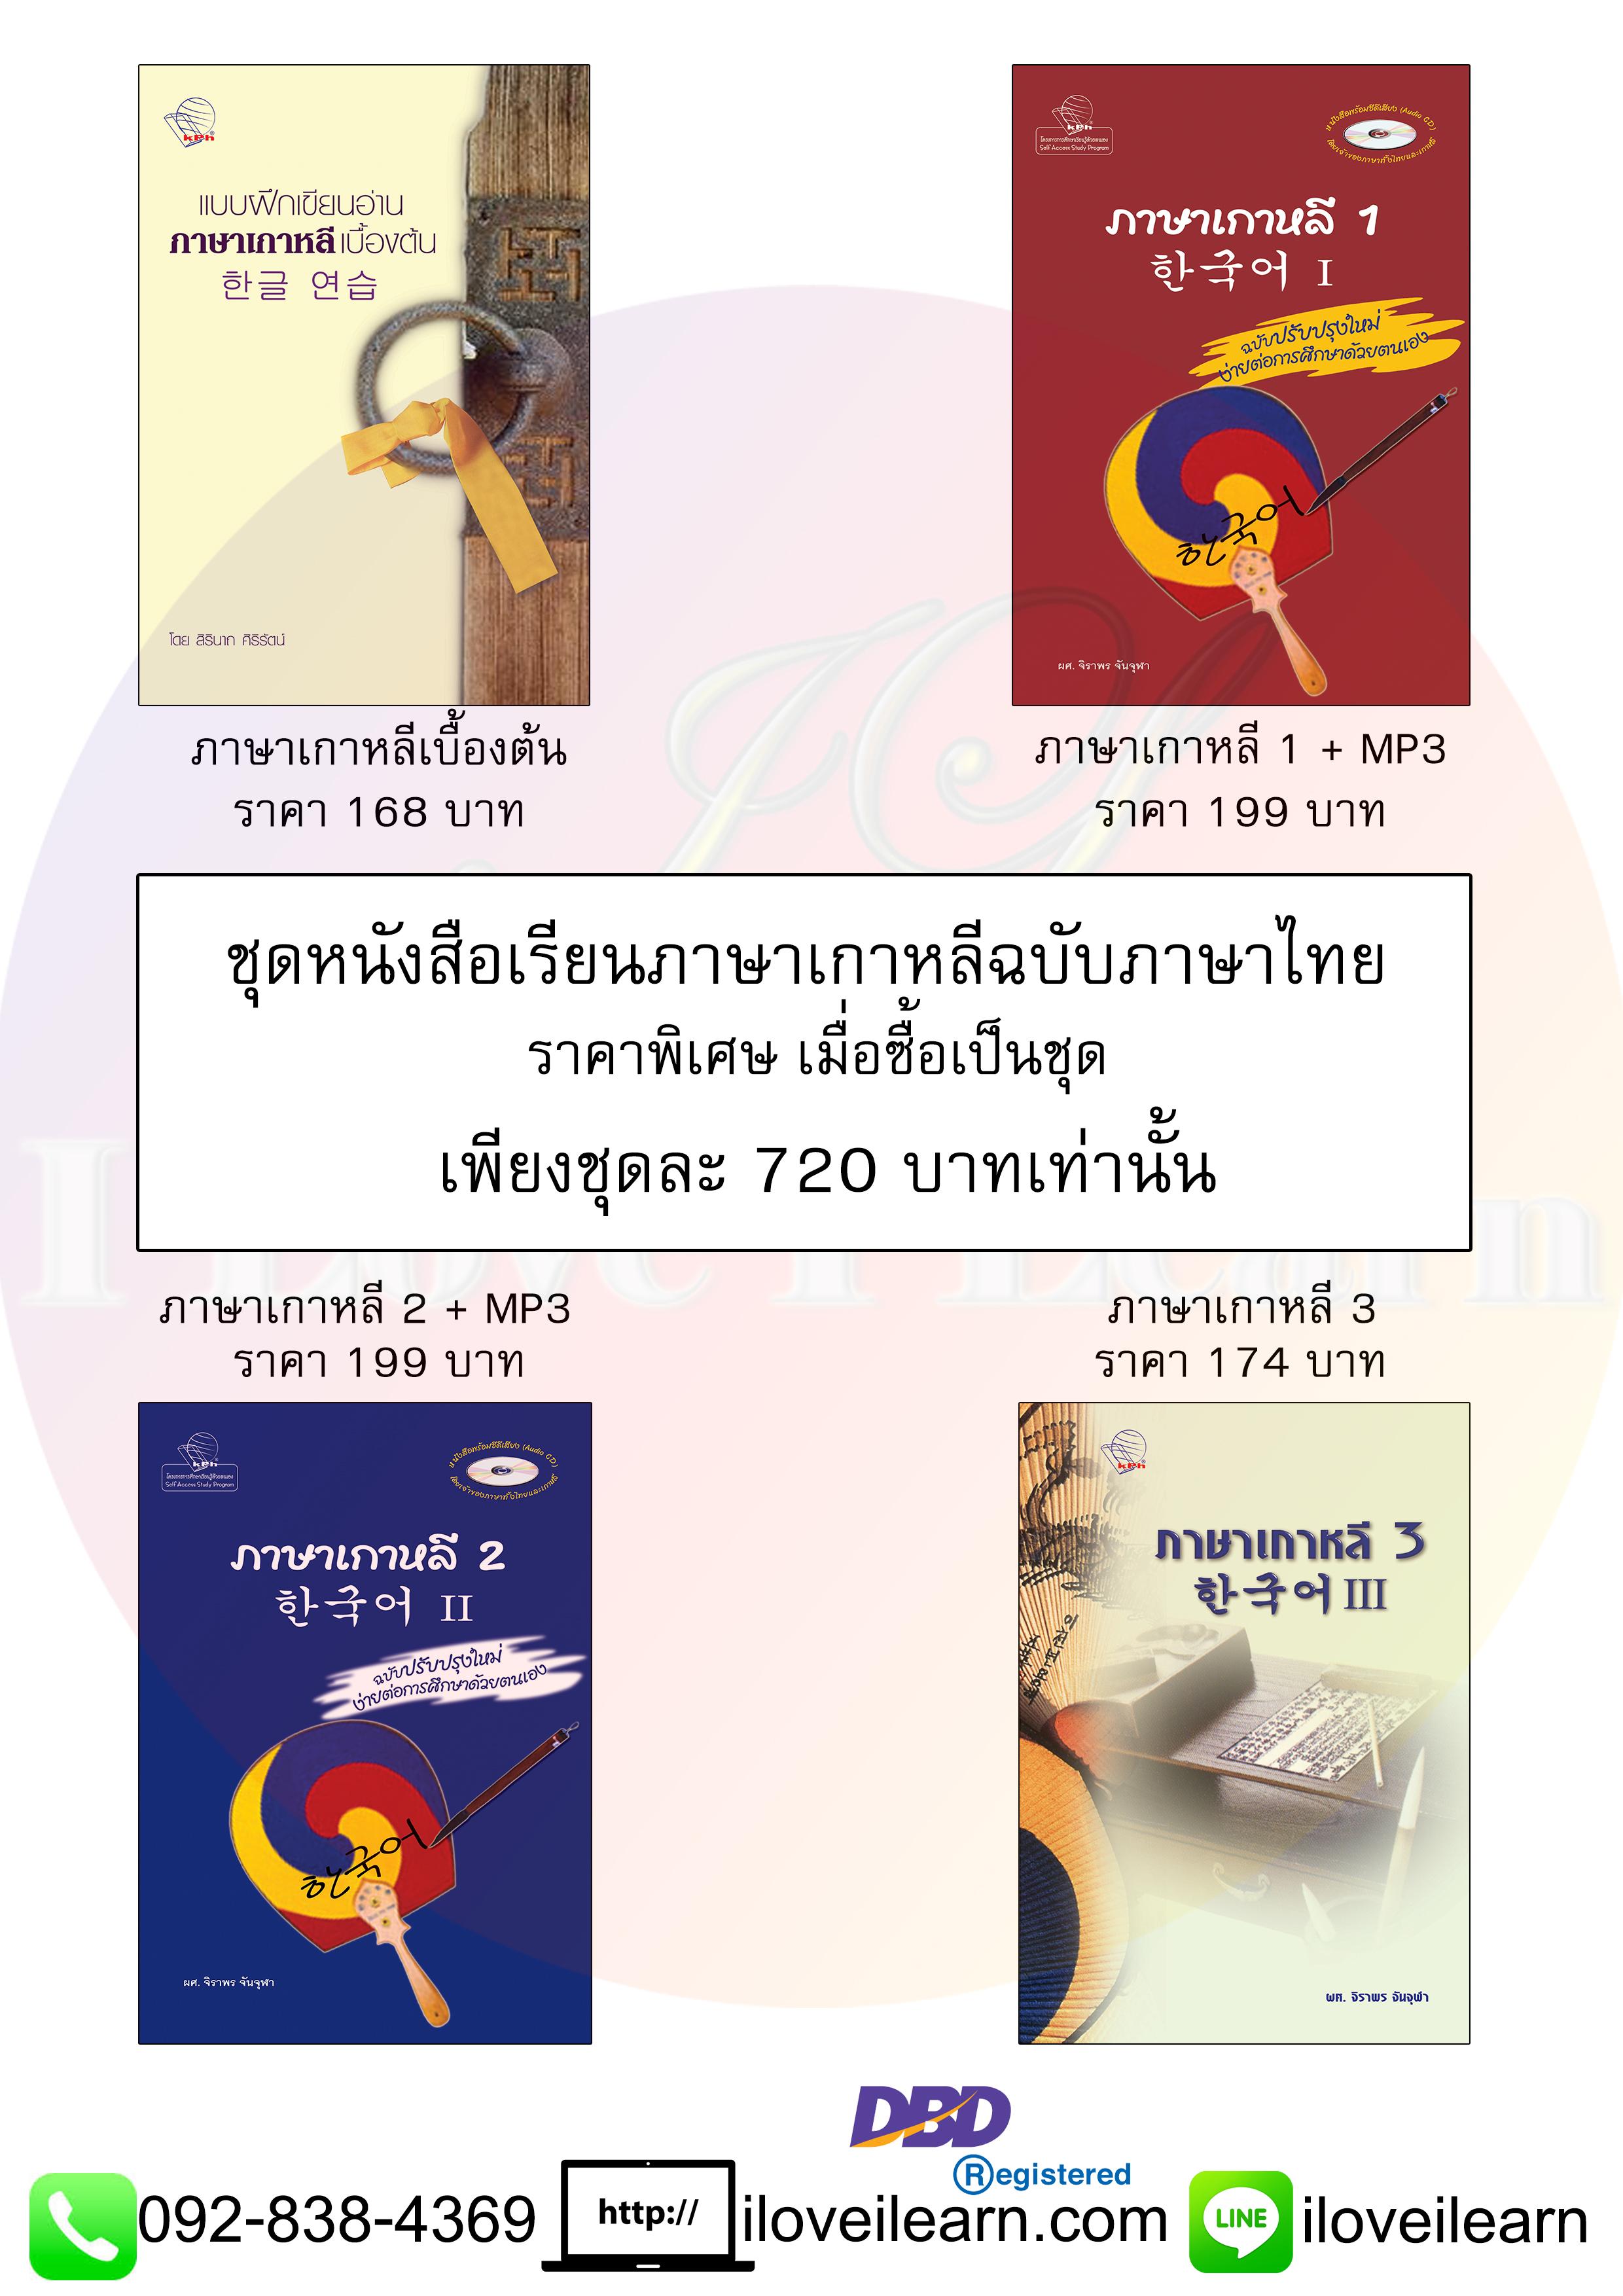 ชุดหนังสือเรียนภาษาเกาหลี ฉบับภาษาไทย